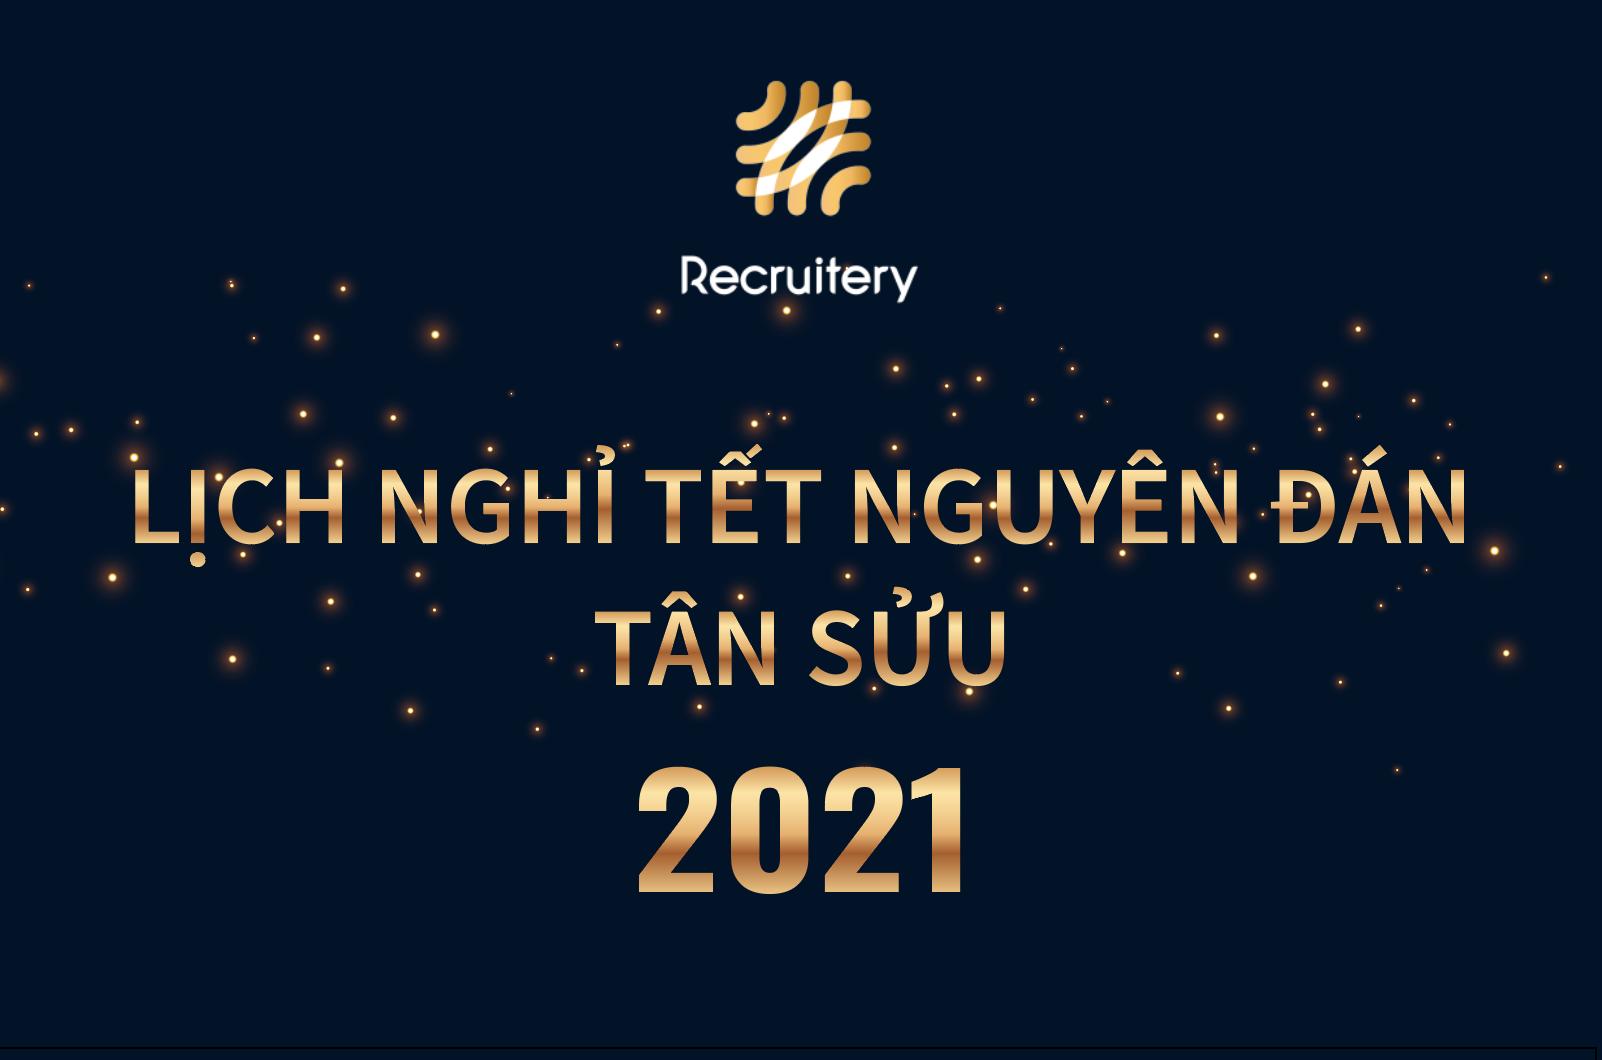 Lịch nghỉ Tết Nguyên Đán Tân Sửu 2021 - Recruitery